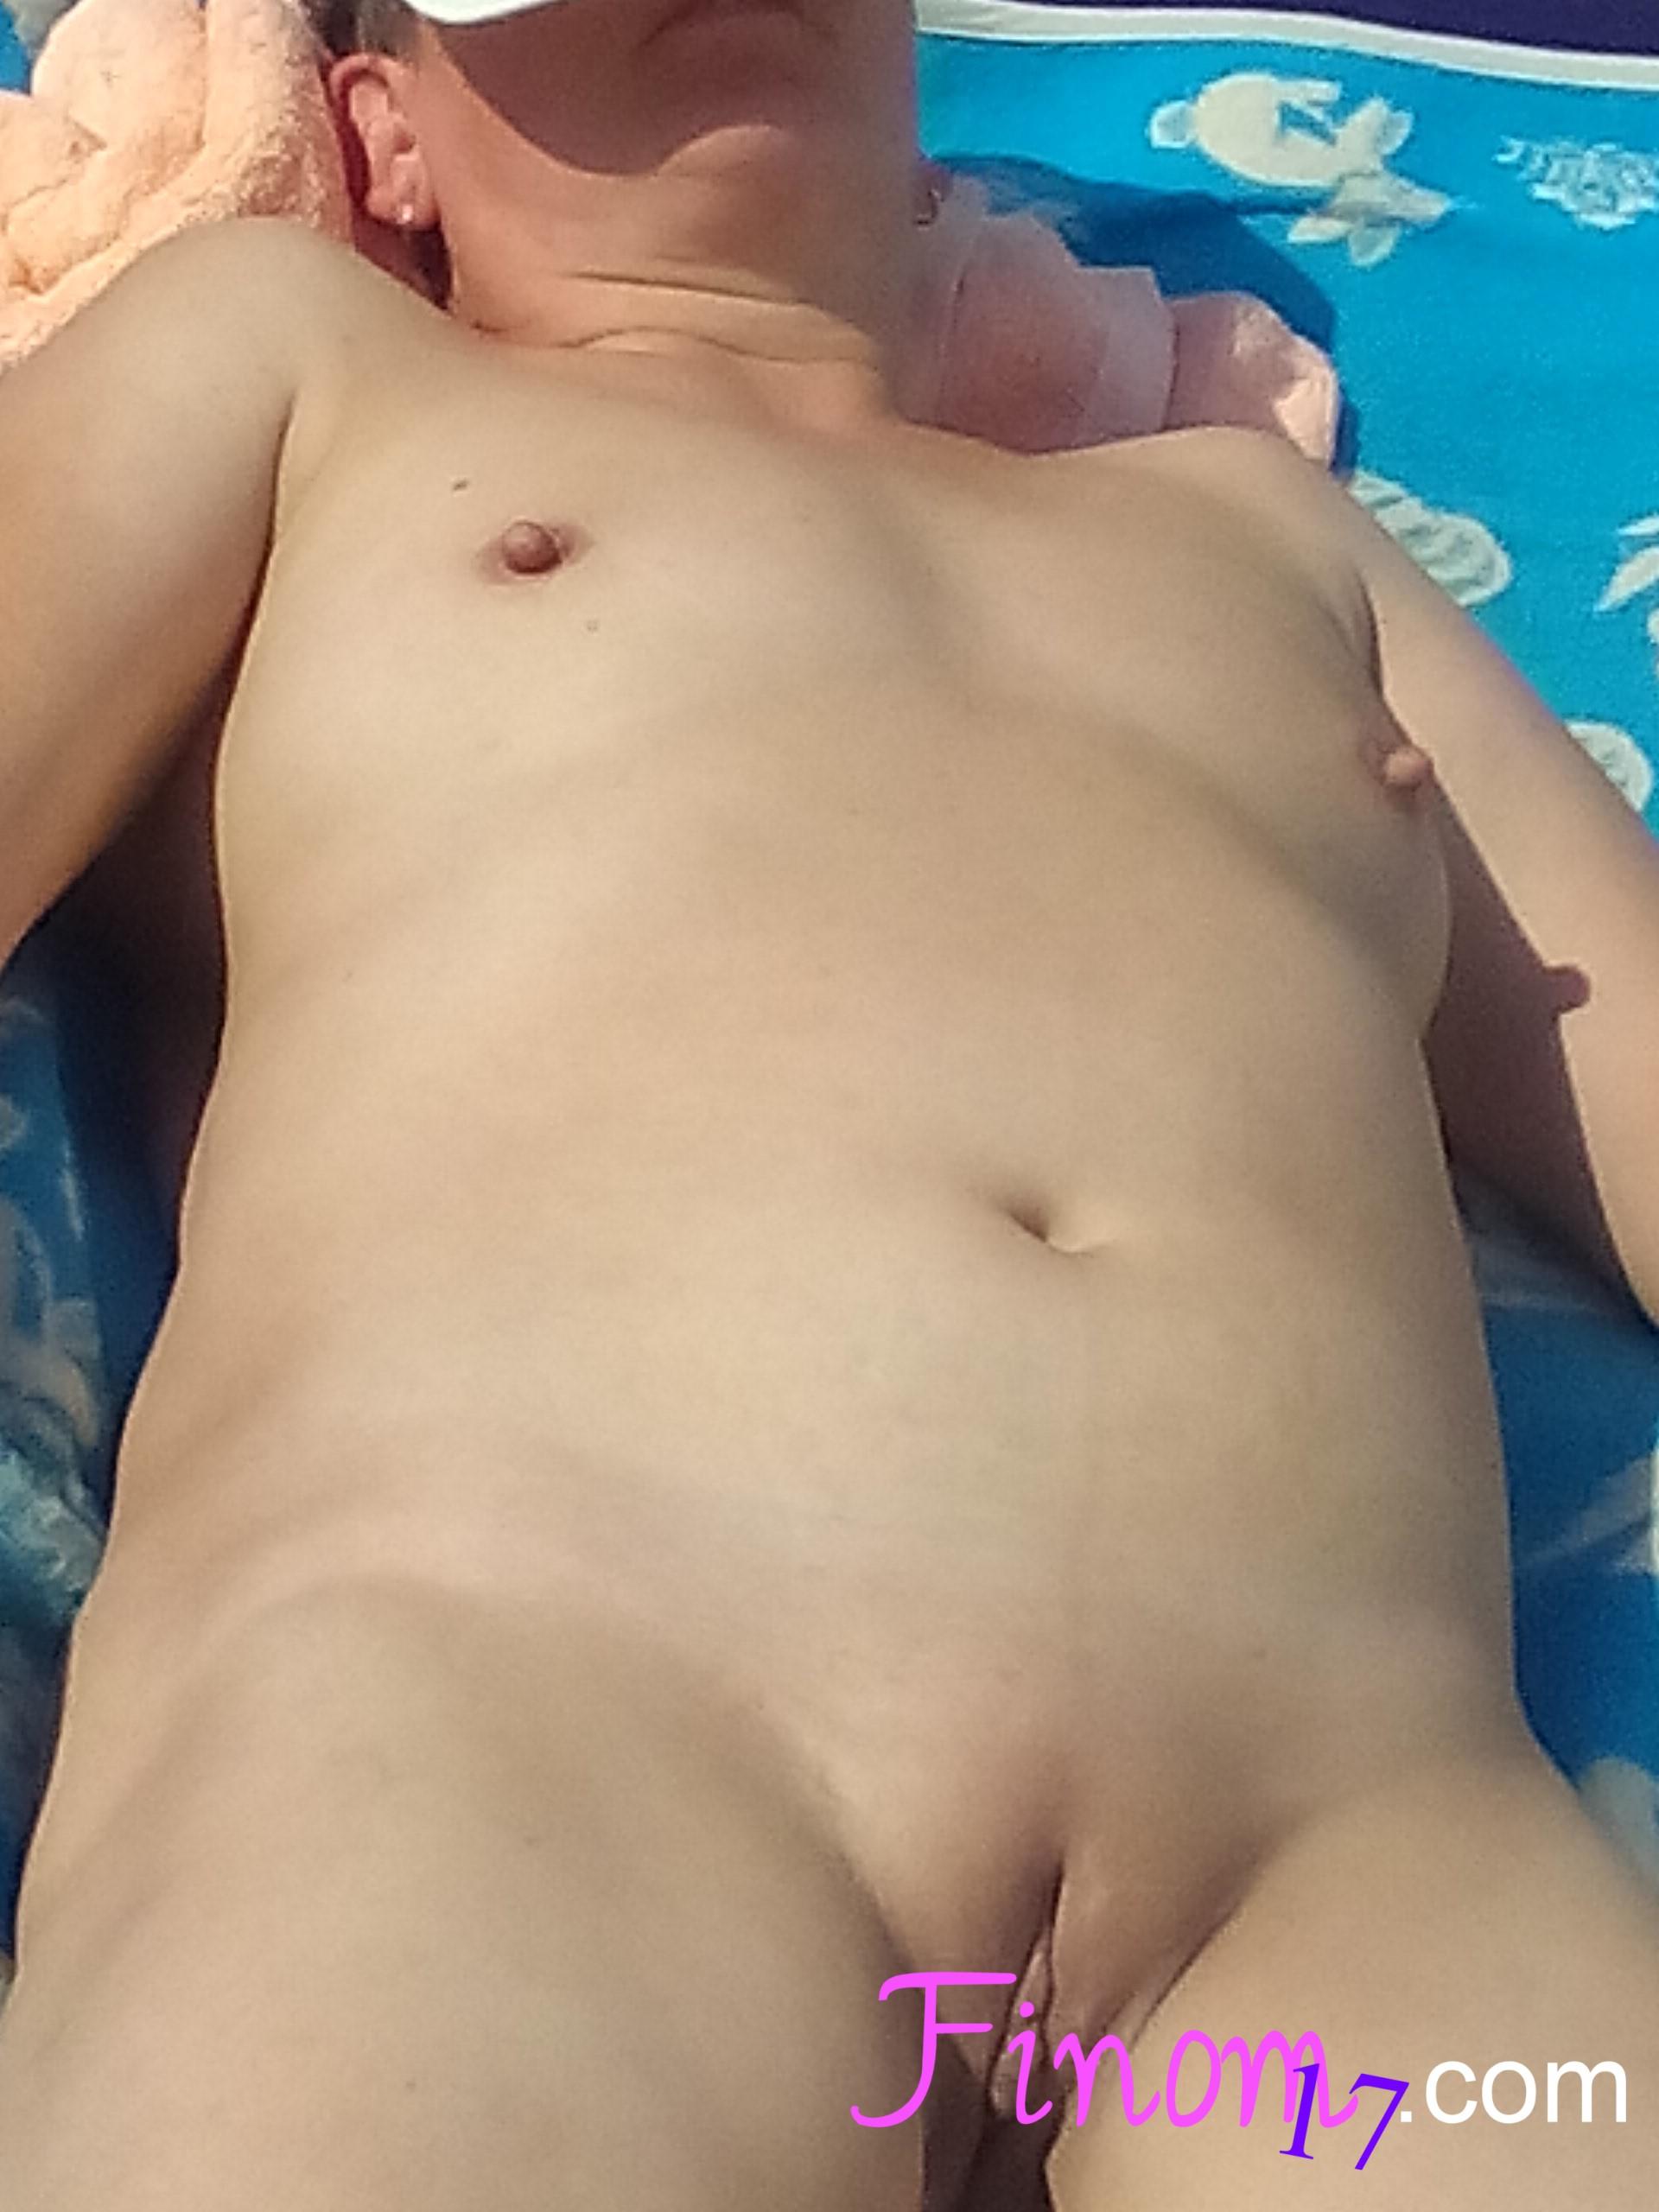 mamka69 - eroticmassage